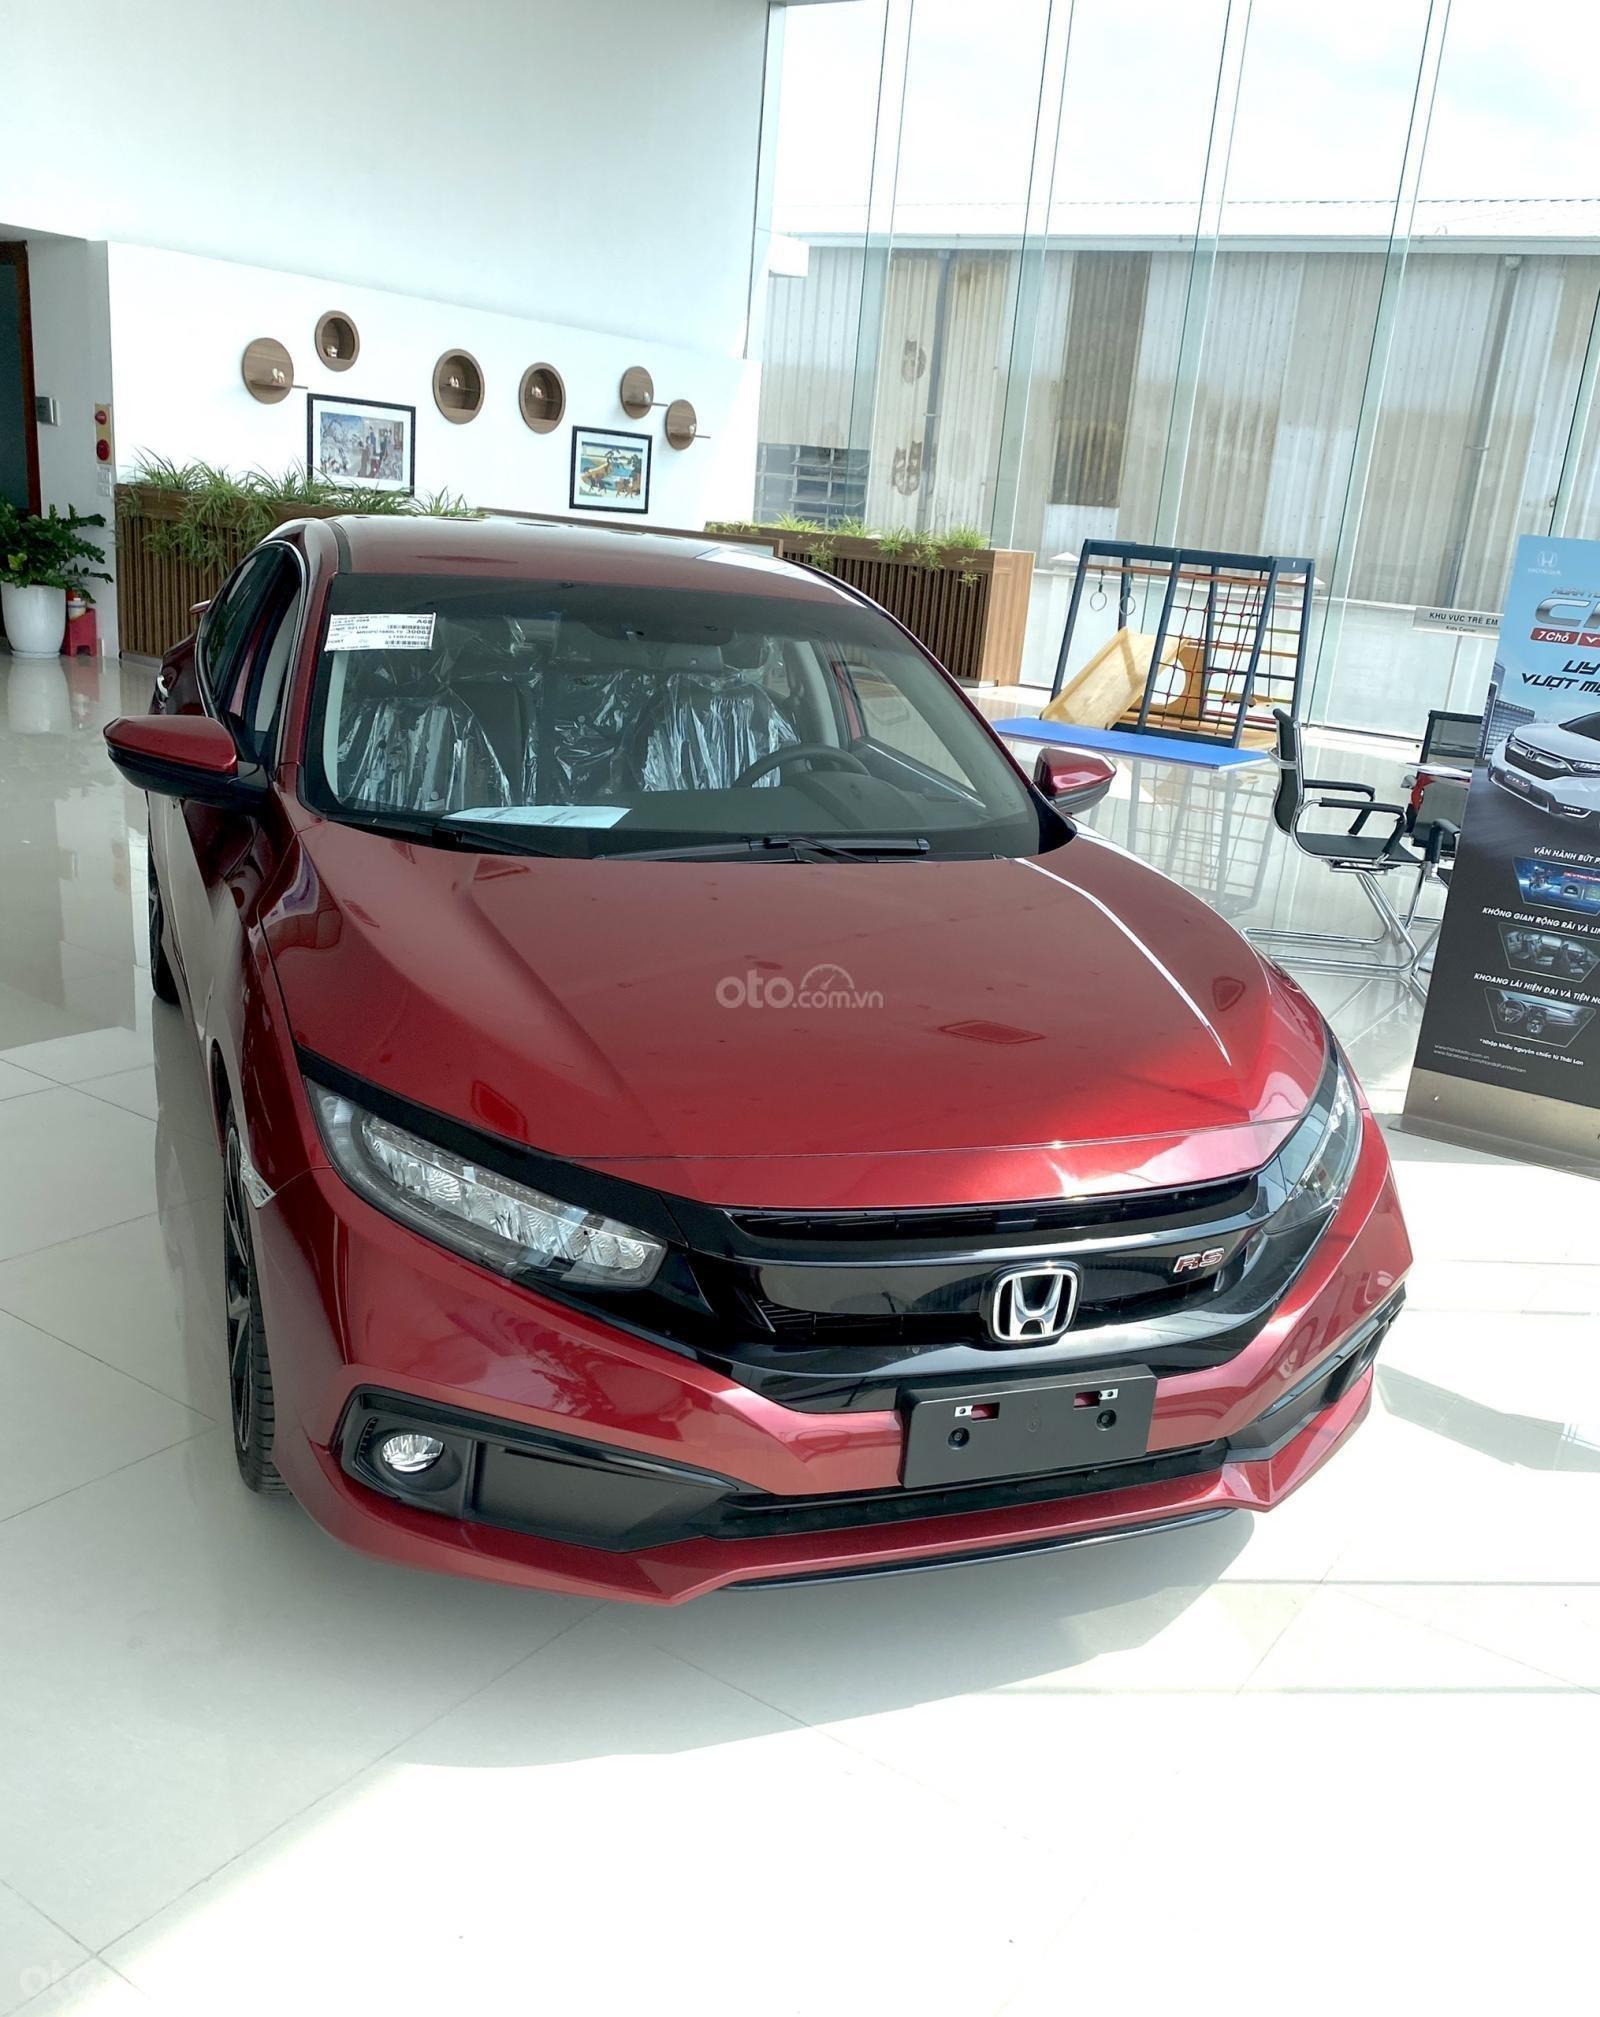 170 triệu nhận xe ngay, vay NH 90%, khuyến mãi tốt nhất Sài Gòn, miễn phí bảo dưỡng và bảo hành xe (1)